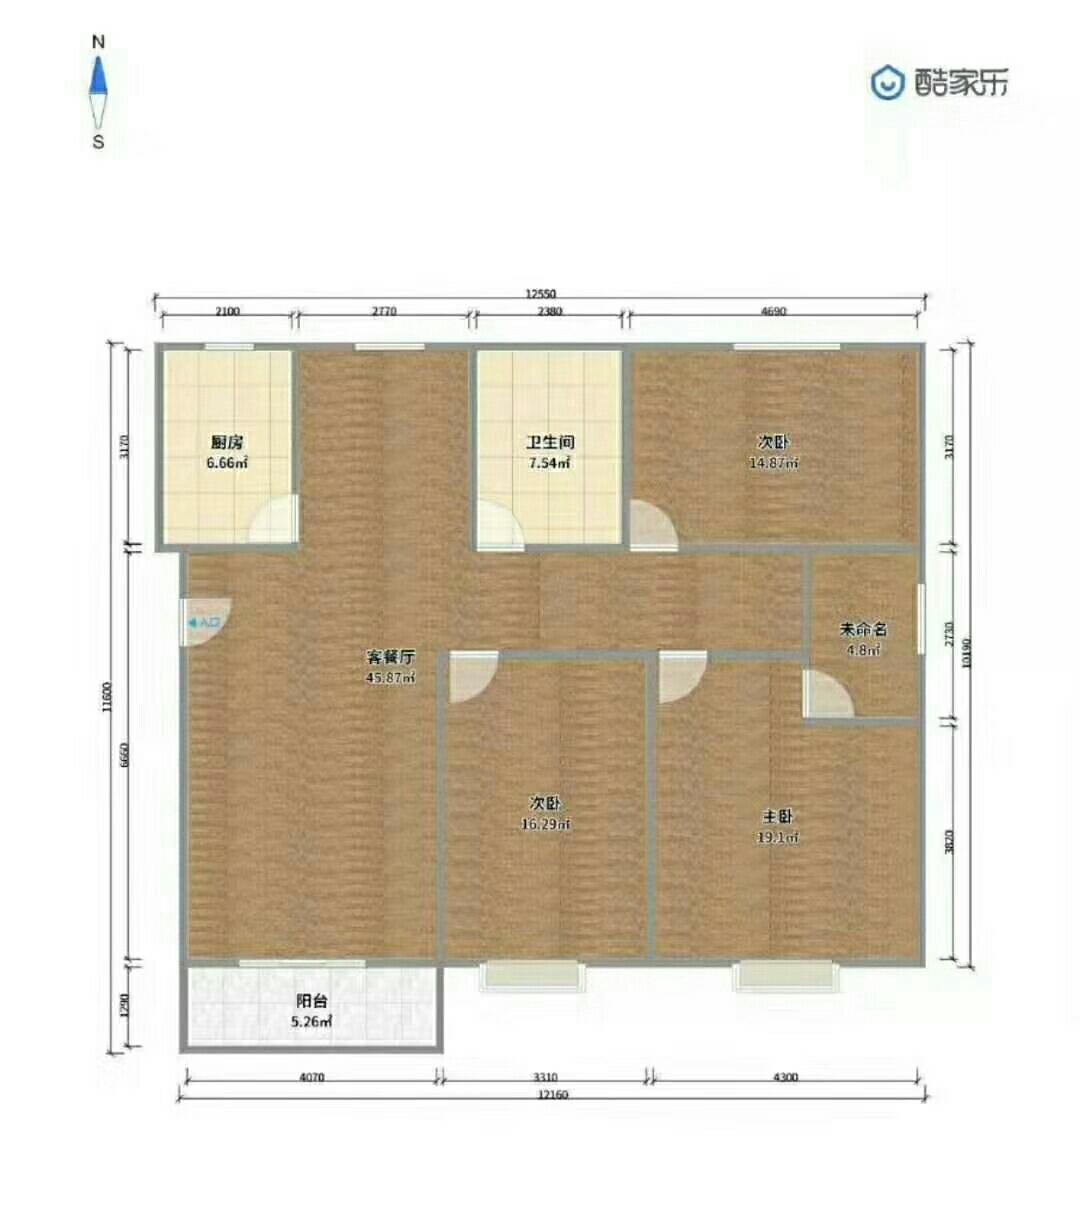 阳光花园3室2厅2卫58万元